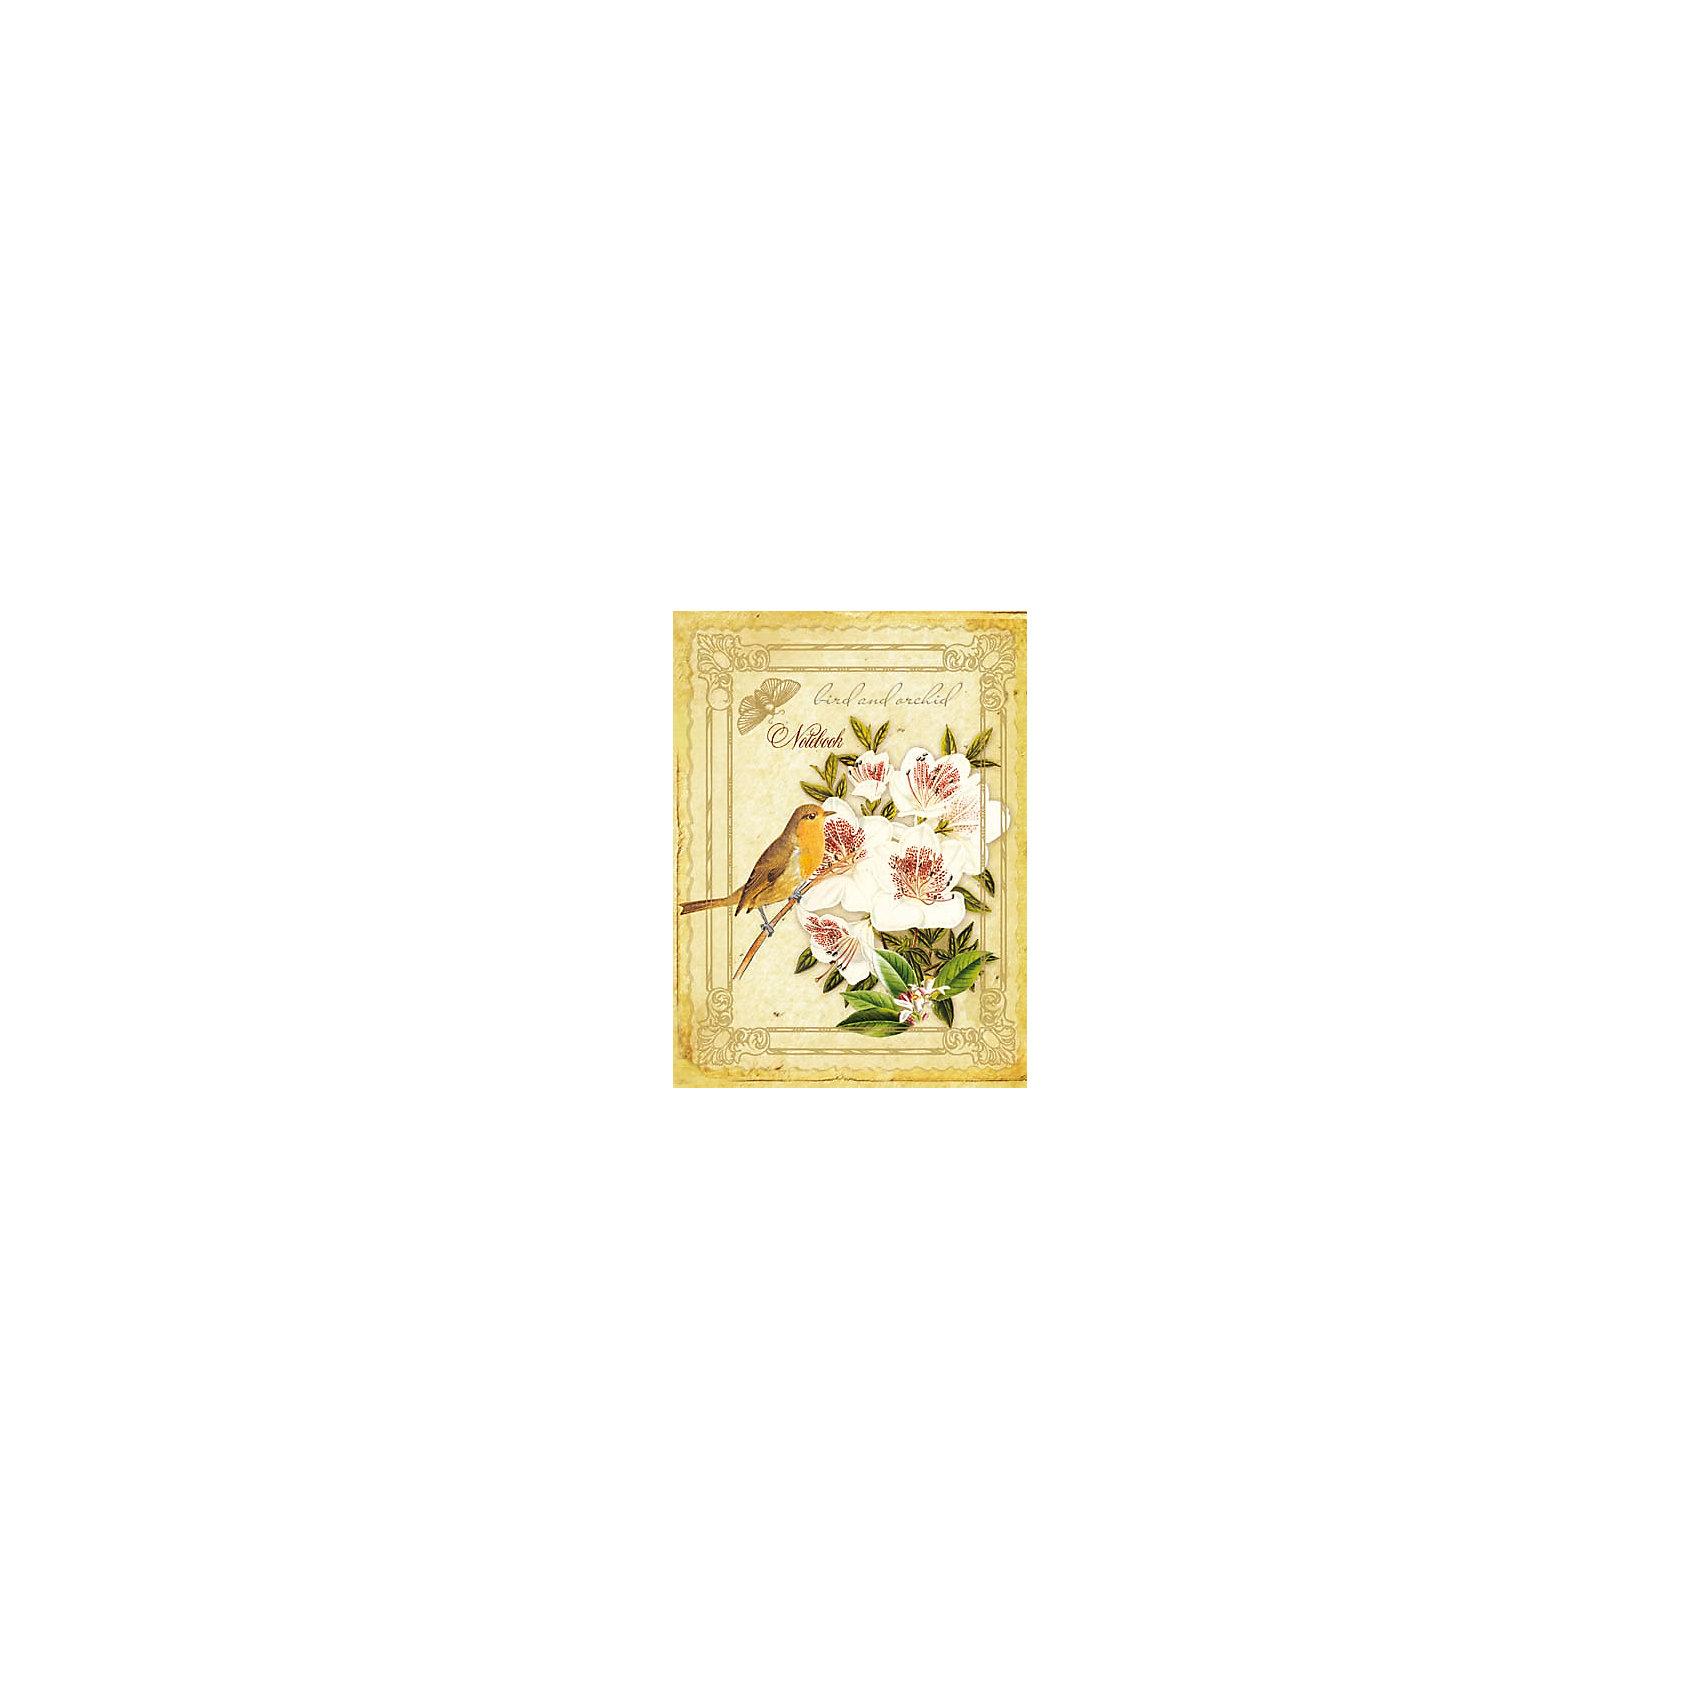 Ежедневник А5 недатированный Орхидеи и птицаСказочно красивый недатированный ежедневник будет прекрасным подарком к любому празднику!<br><br>Дополнительная информация:<br><br>- Формат: А5.<br>- Линовка: линия.<br>- Количество листов: 240<br>- Крепление: книжное (прошивка).<br>- Обложка: твердая.<br>- Материал: бумага, картон.<br>- Размер упаковки: 20,5х15,5х1,5 см.<br>- Вес в упаковке: 340 г.<br><br>Купить ежедневник недатированный Орхидеи и птица можно в нашем магазине.<br><br>Ширина мм: 205<br>Глубина мм: 155<br>Высота мм: 15<br>Вес г: 340<br>Возраст от месяцев: 72<br>Возраст до месяцев: 2147483647<br>Пол: Унисекс<br>Возраст: Детский<br>SKU: 4943504